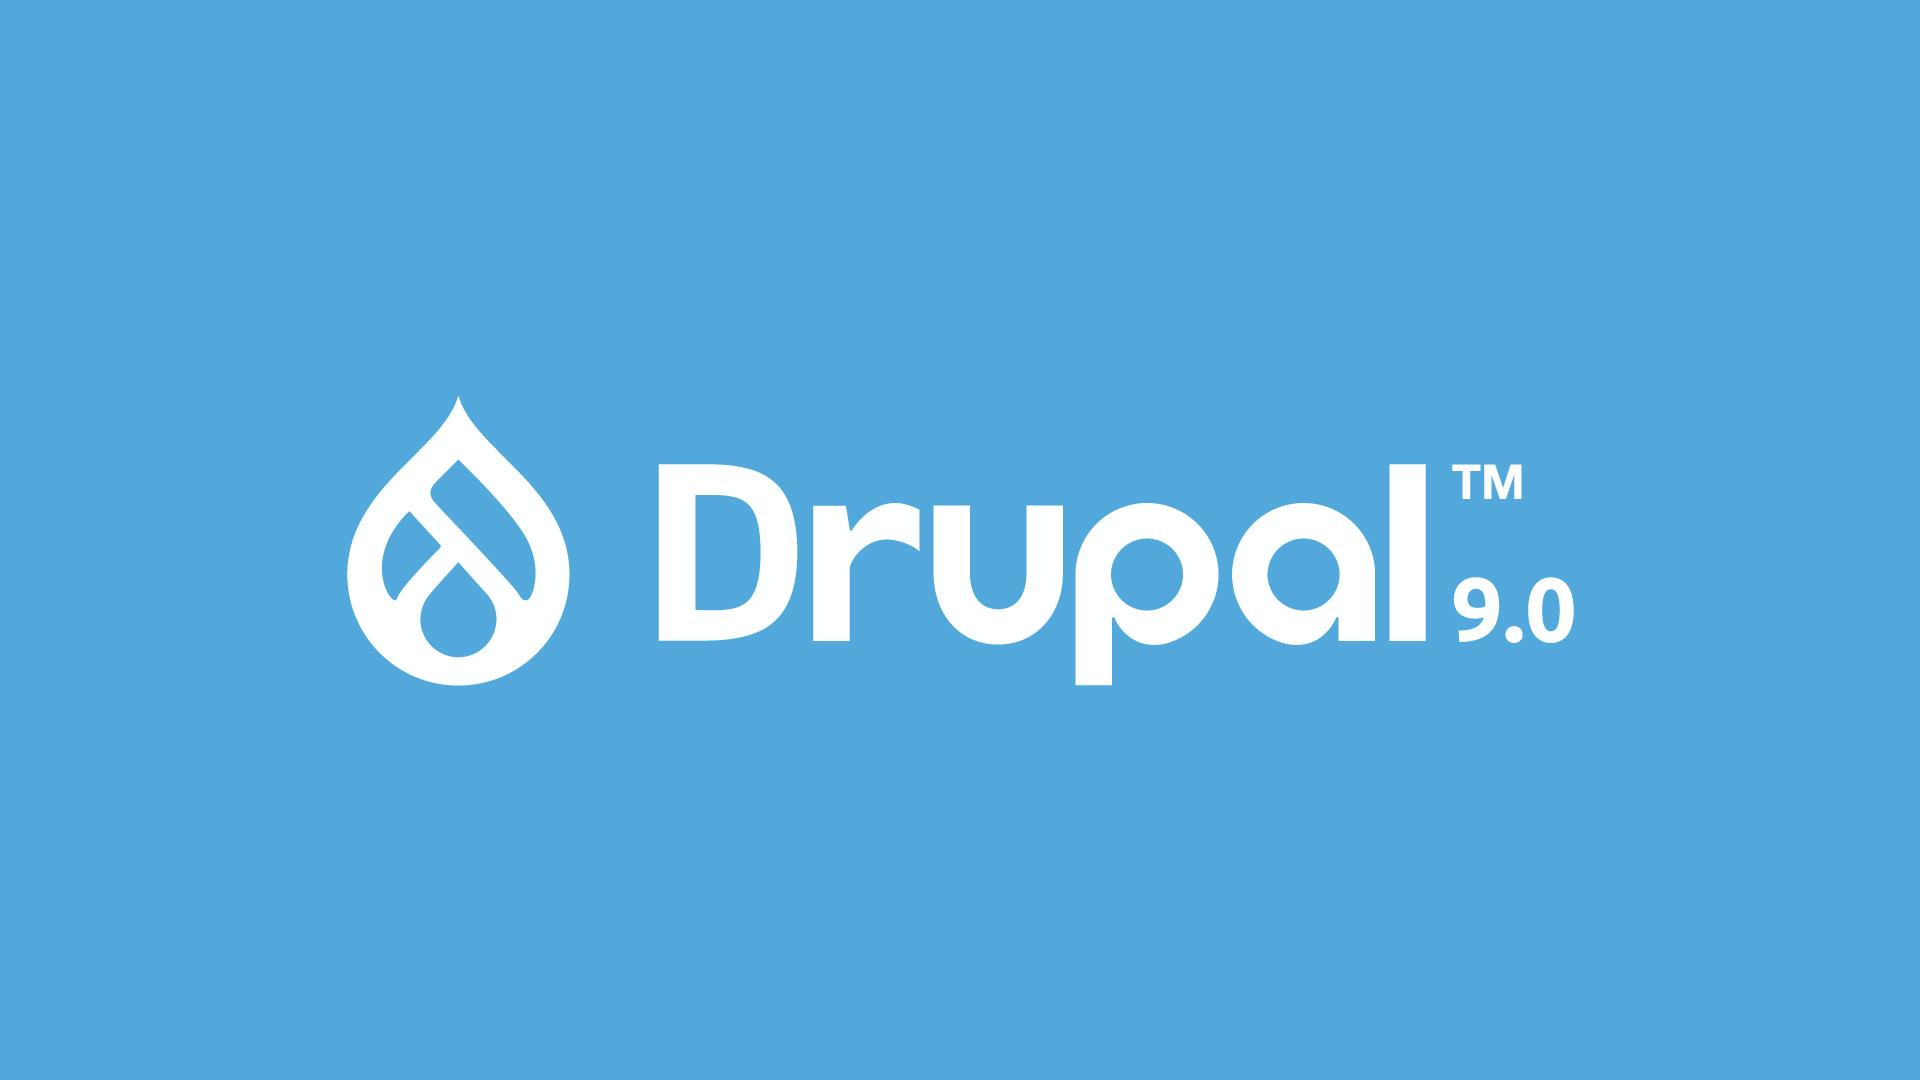 upgrade a Drupal 9